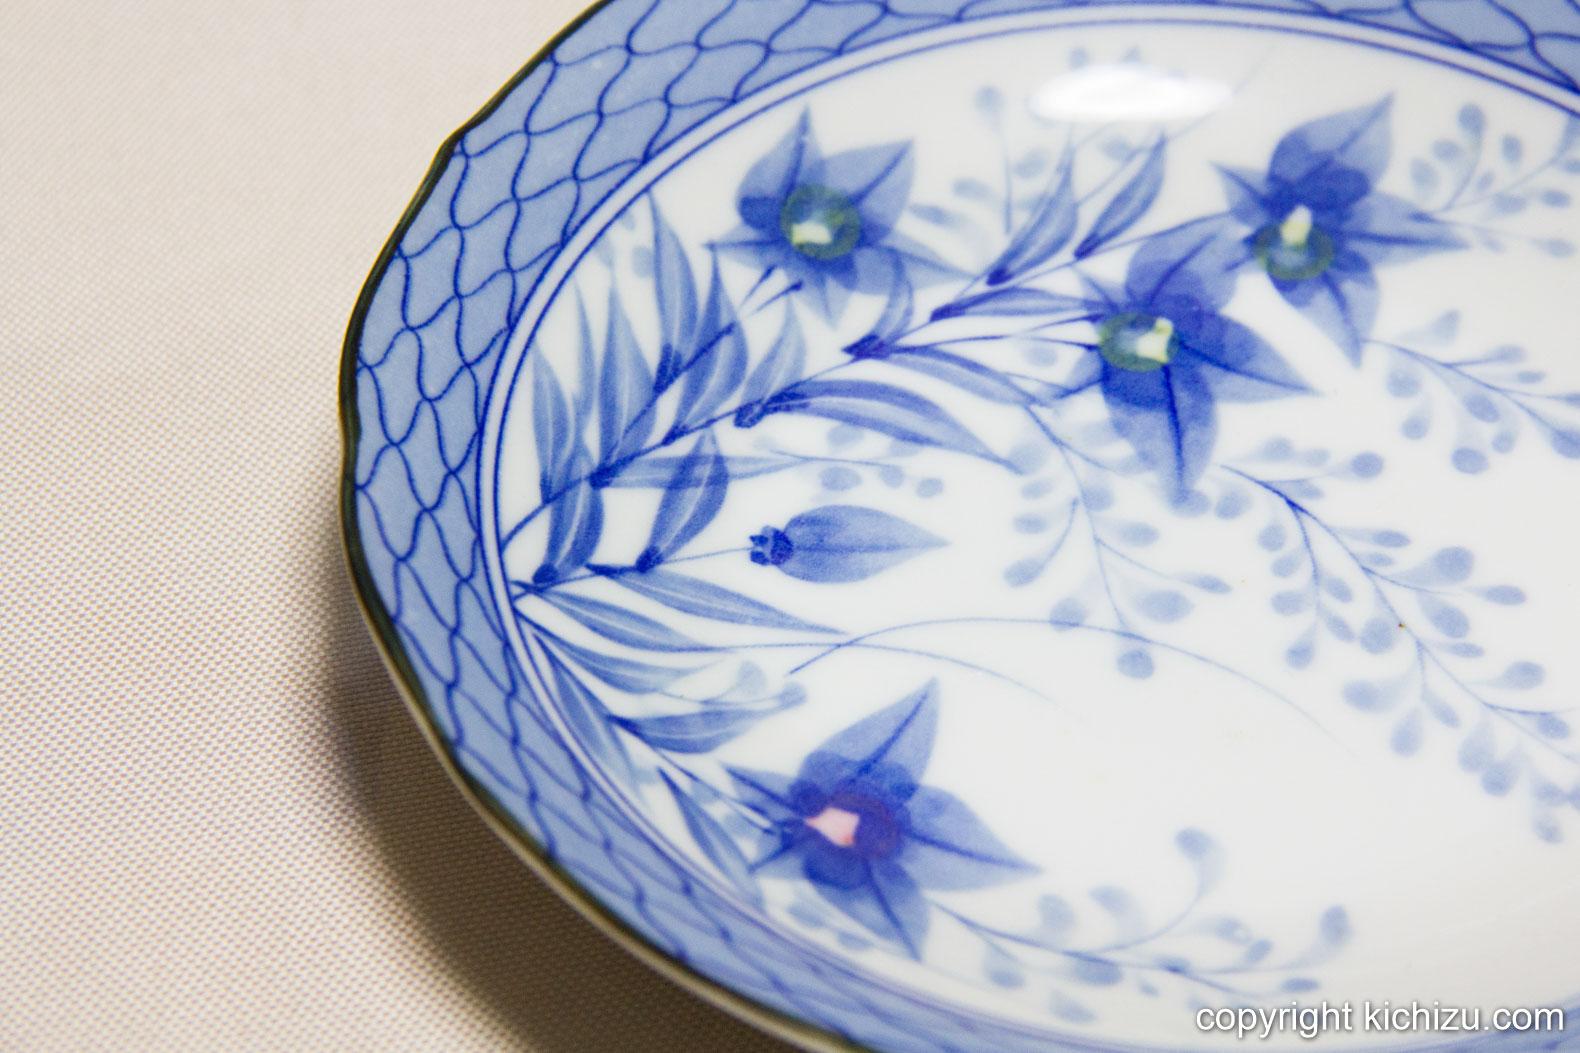 青を基調とした花柄のお皿